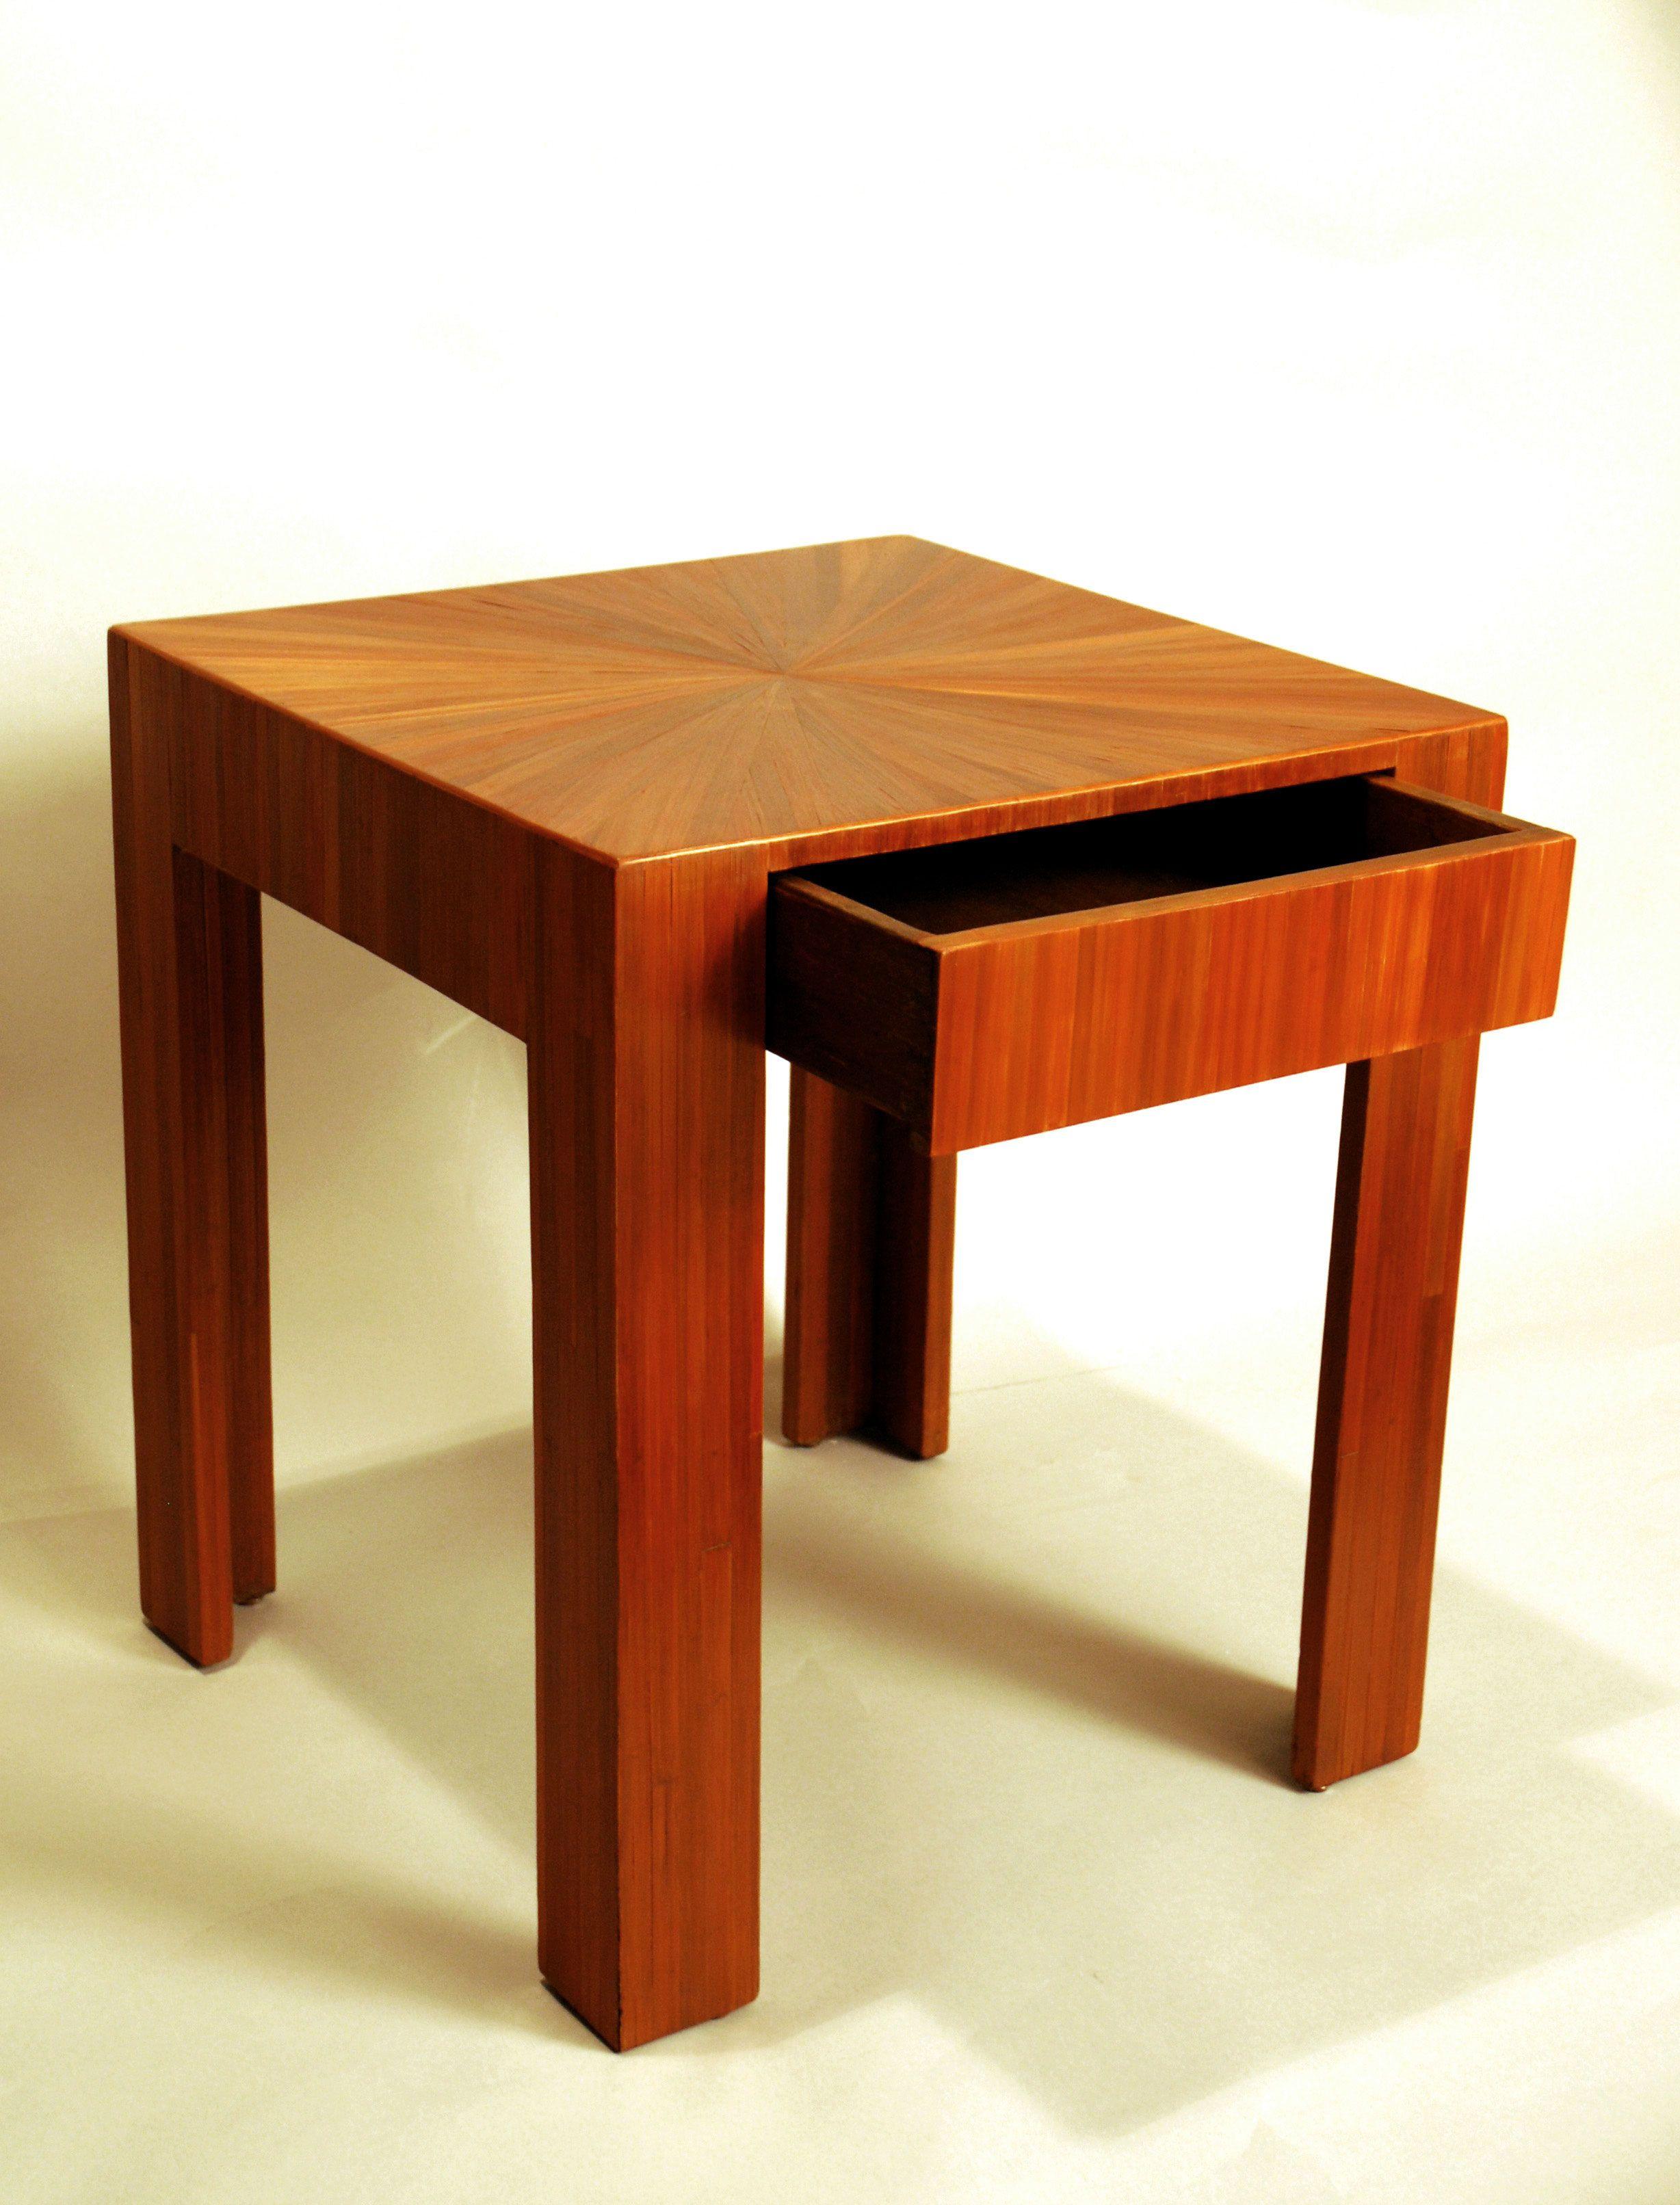 Table Basse En Marqueterie De Paille Rousse A Un Tiroir En Ceinture Mobilier De Salon Art Deco